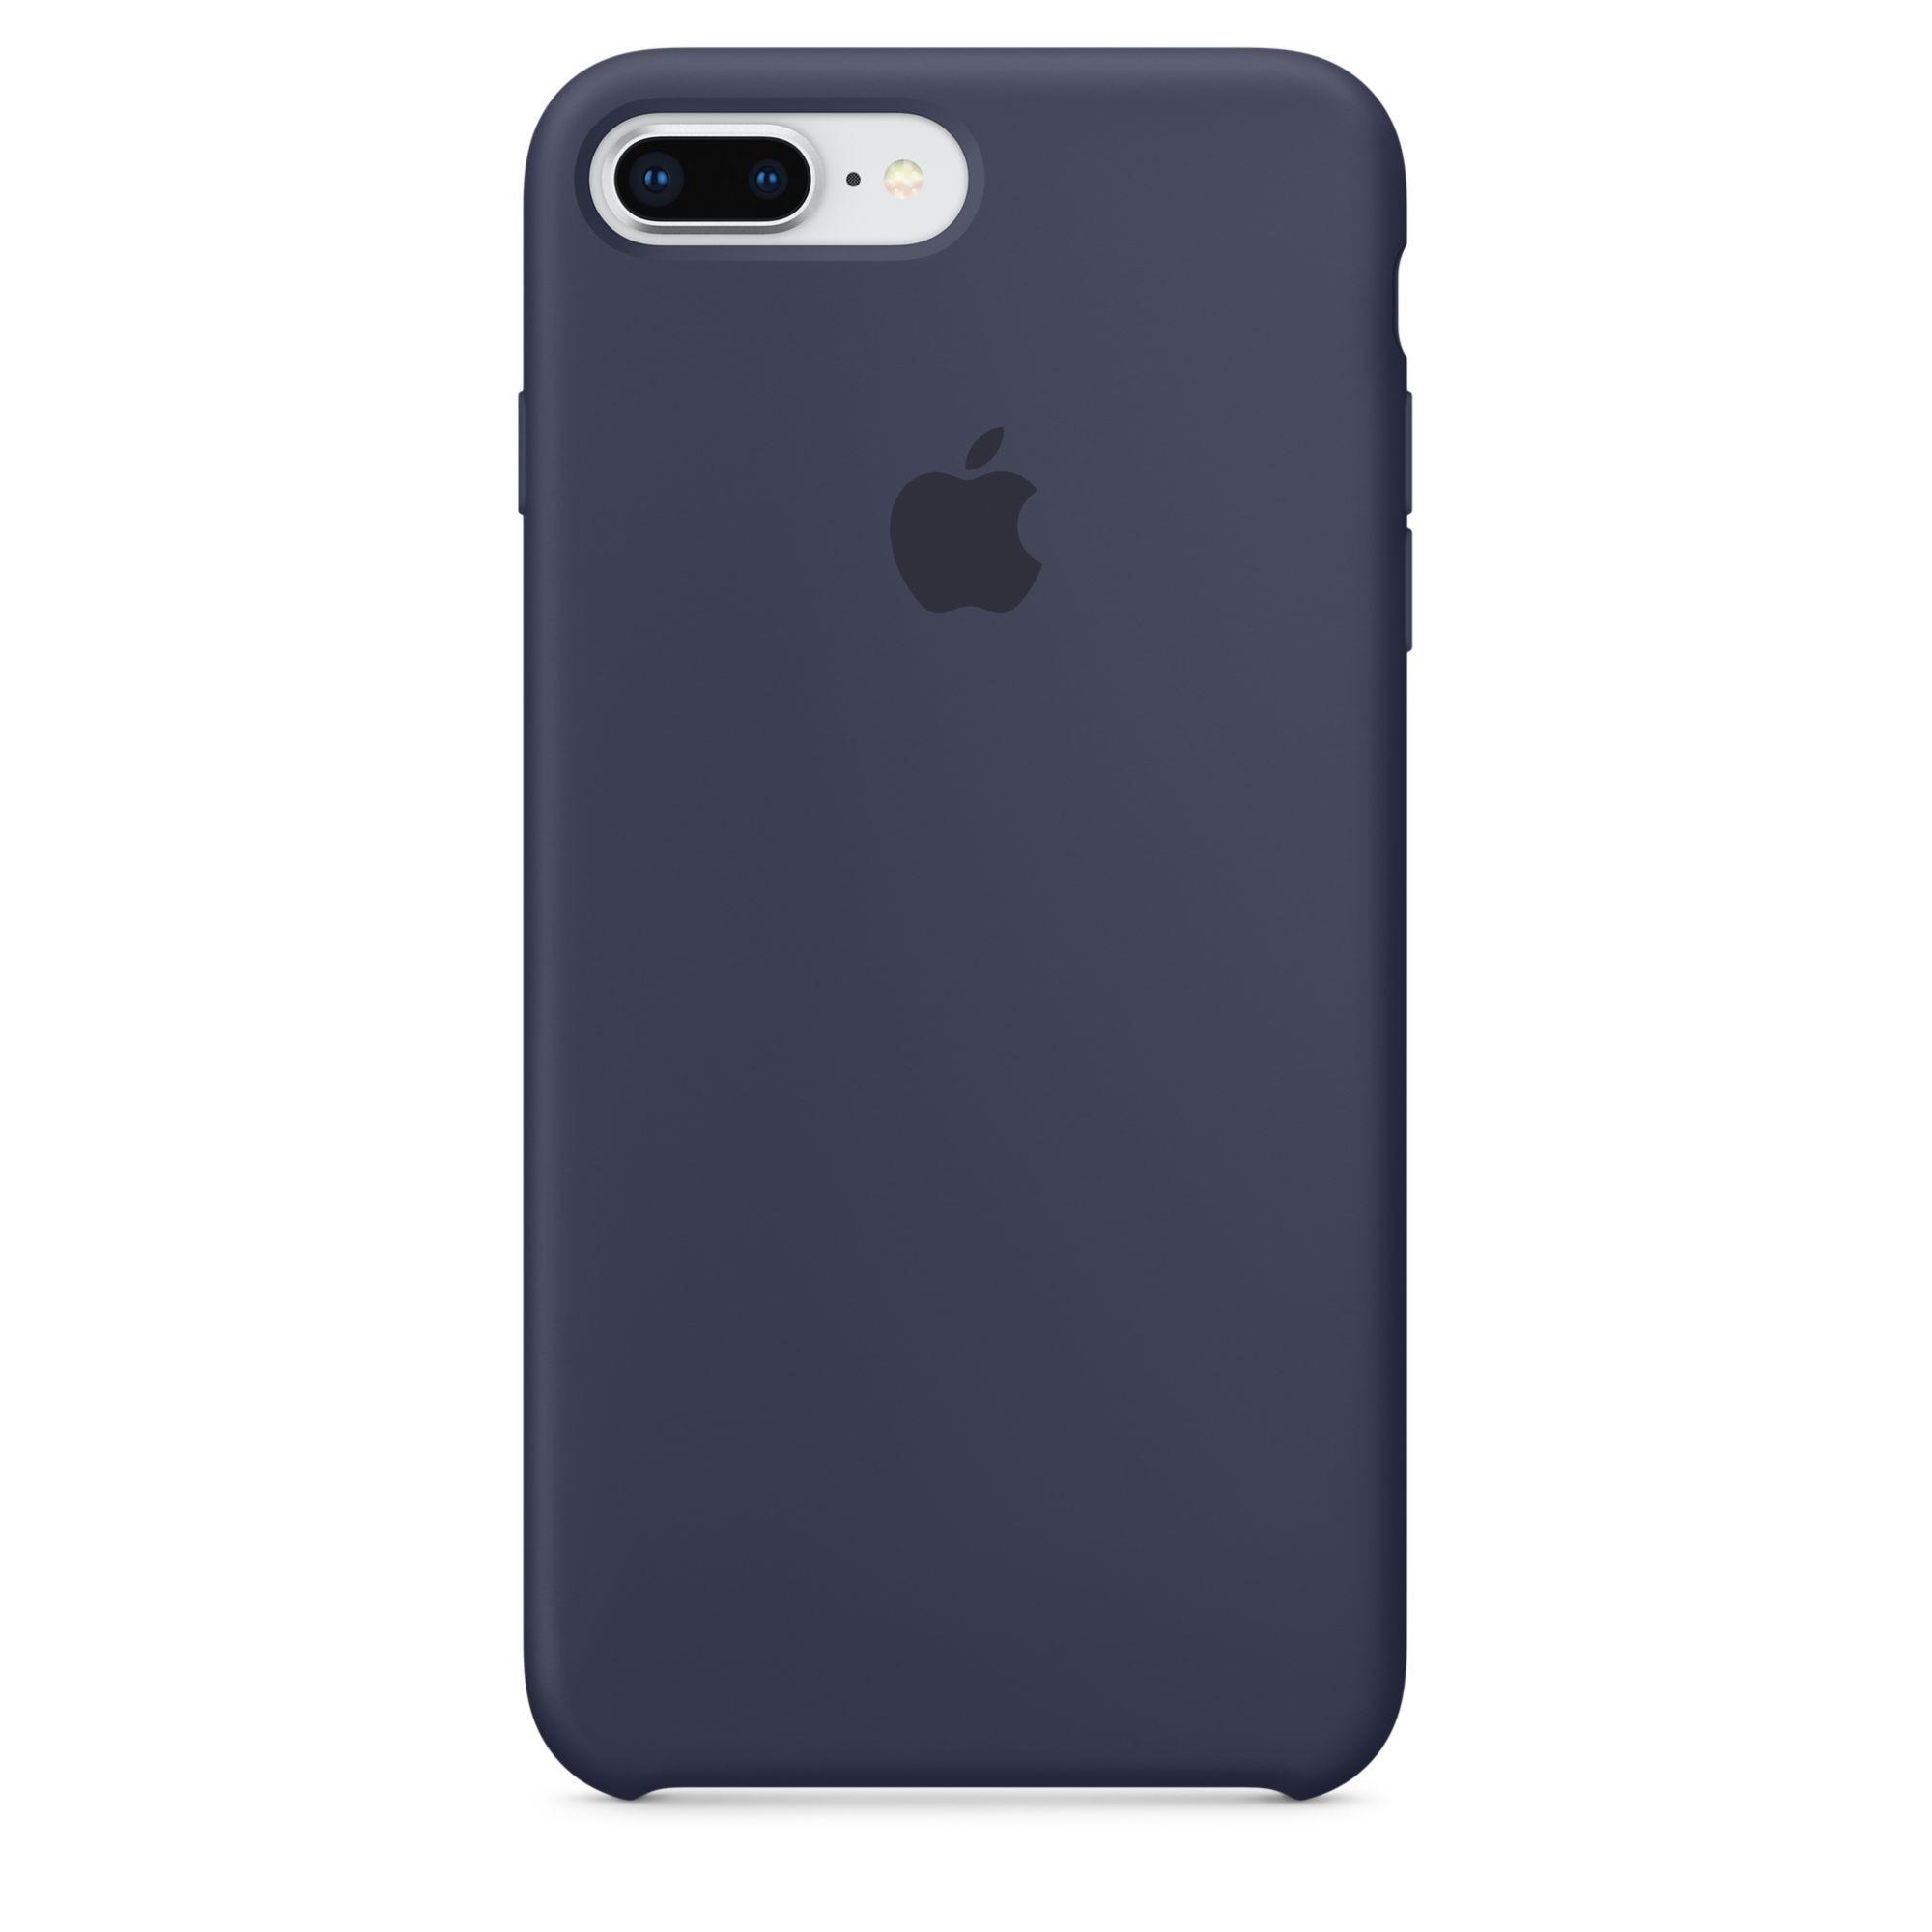 Apple silikonový kryt na iPhone 8 Plus / 7 Plus – půlnočně modrý